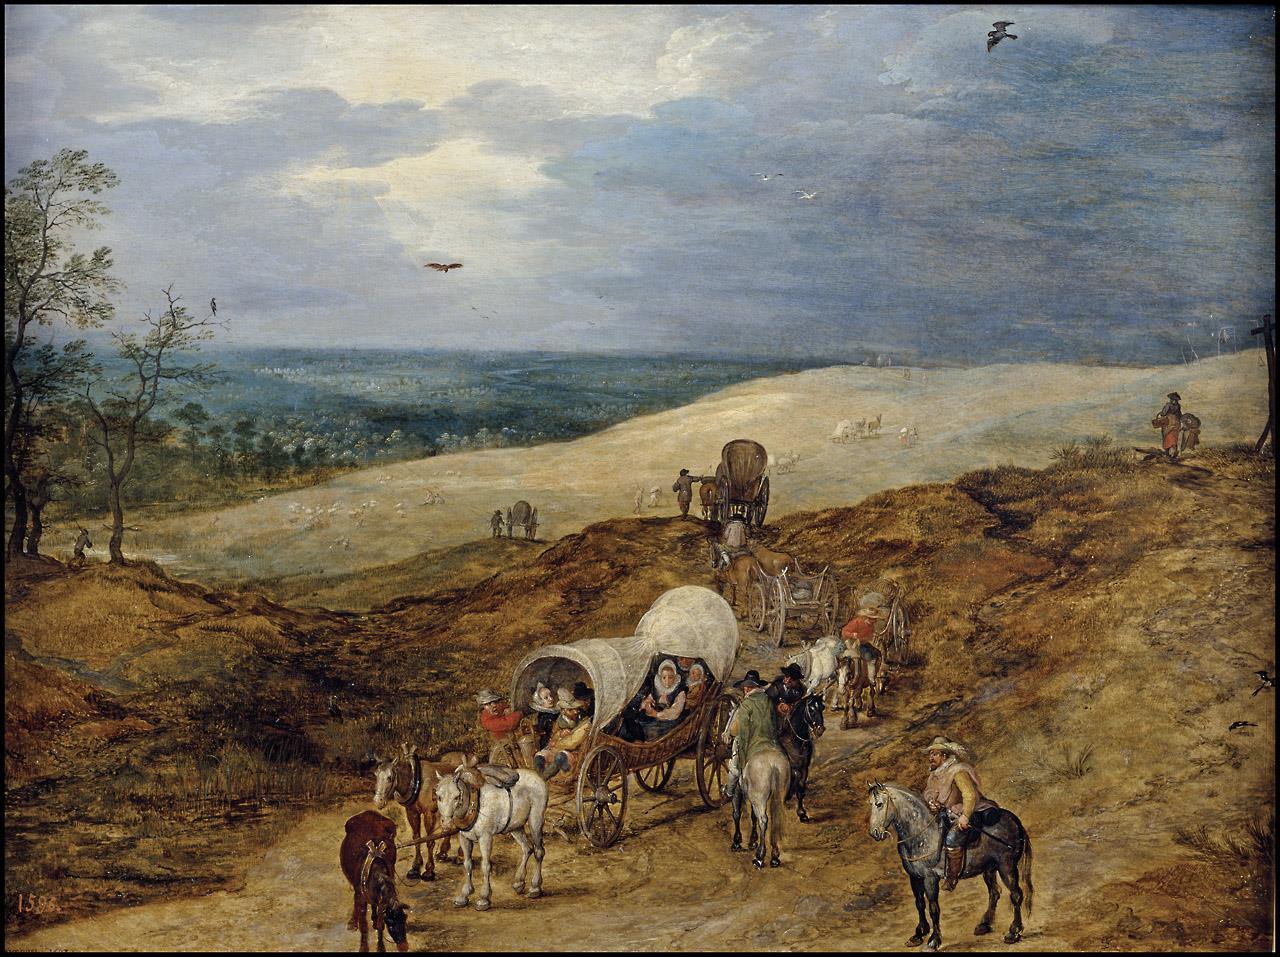 Brueghel de Velours, Jan